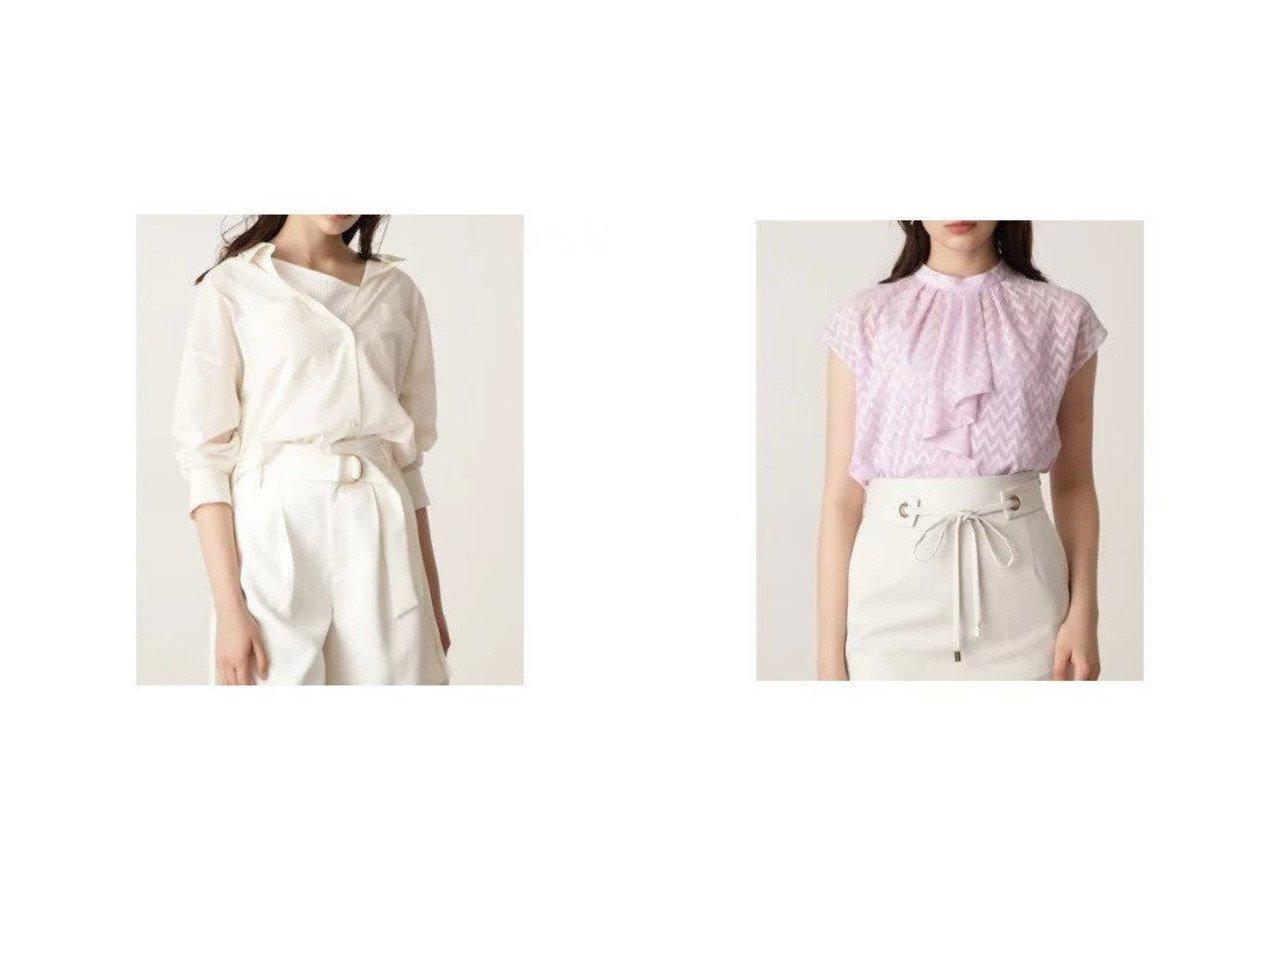 【Pinky&Dianne/ピンキーアンドダイアン】のカットジャガードシアーブラウス&シアーオーバーシャツ 【トップス・カットソー】おすすめ!人気、トレンド・レディースファッションの通販 おすすめで人気の流行・トレンド、ファッションの通販商品 インテリア・家具・メンズファッション・キッズファッション・レディースファッション・服の通販 founy(ファニー) https://founy.com/ ファッション Fashion レディースファッション WOMEN トップス・カットソー Tops/Tshirt シャツ/ブラウス Shirts/Blouses キャミソール ショルダー スタンダード ドロップ パッチ フロント ボトム ポケット シャイニー ジャカード デニム ドット ヘリンボーン  ID:crp329100000047030